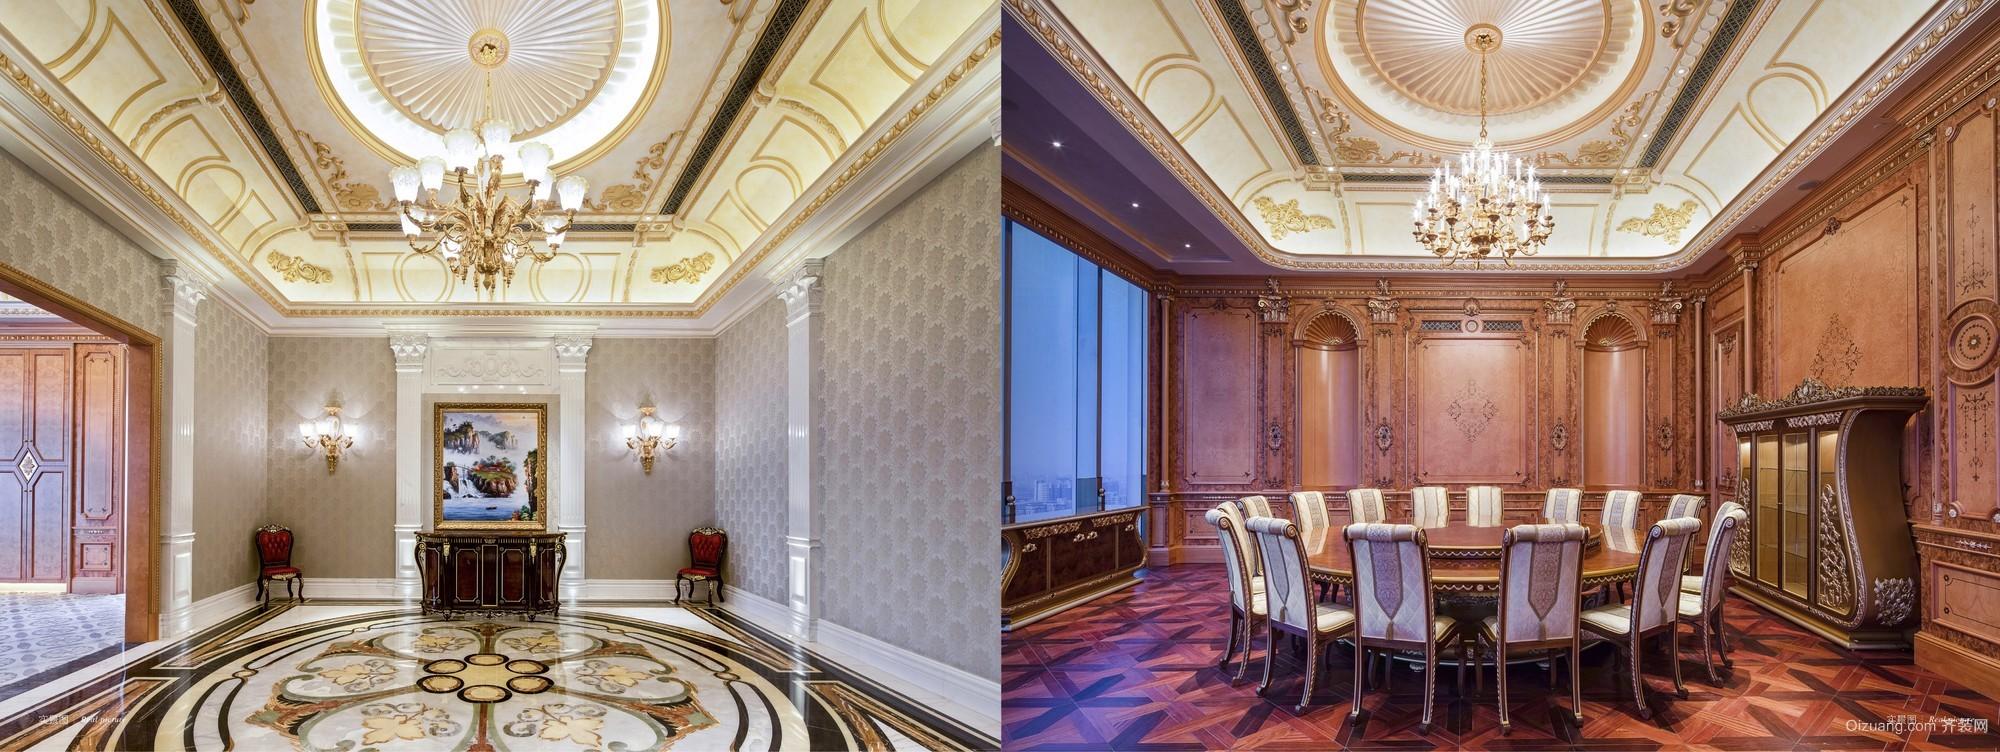 北京天圆祥泰酒店混搭风格装修效果图实景图